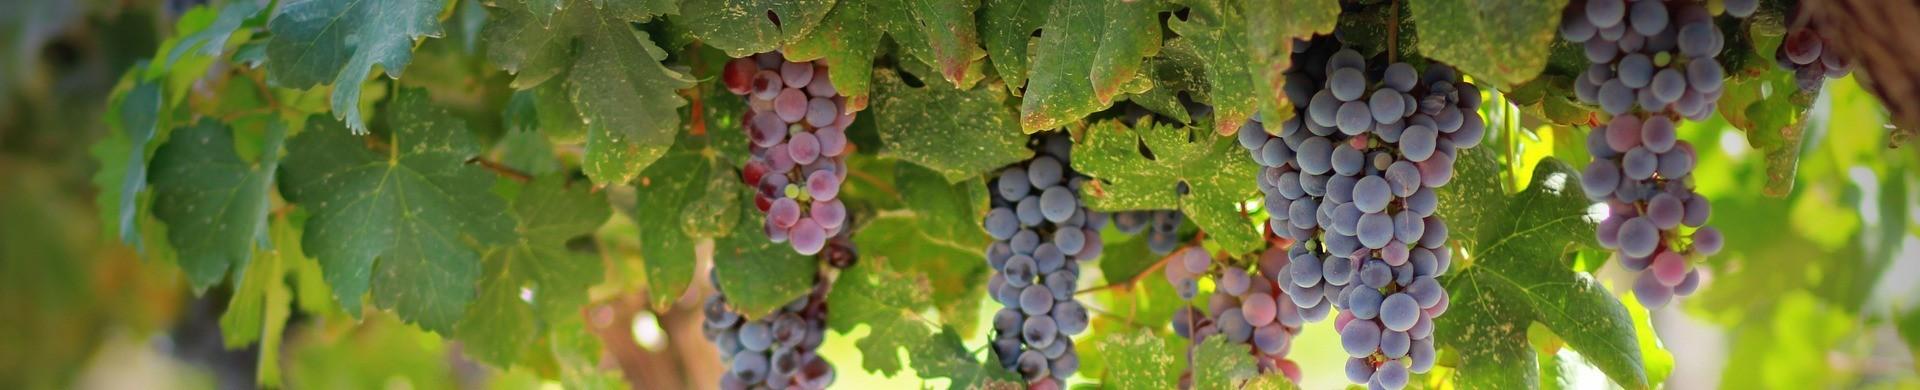 Table grape parras - Buy grape plants